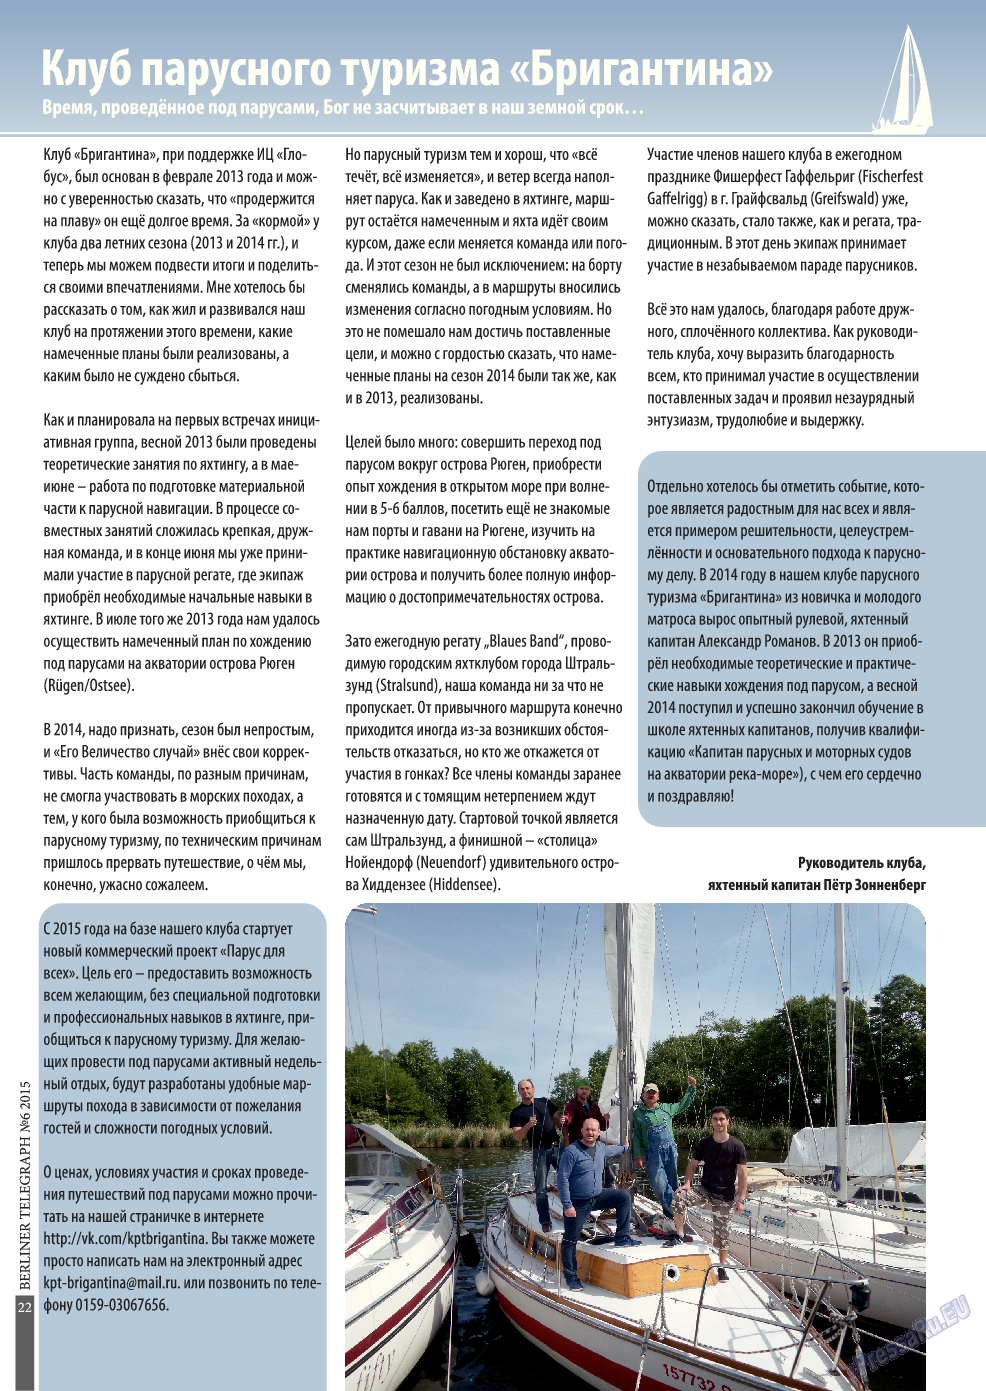 Берлинский телеграф (журнал). 2015 год, номер 6, стр. 22